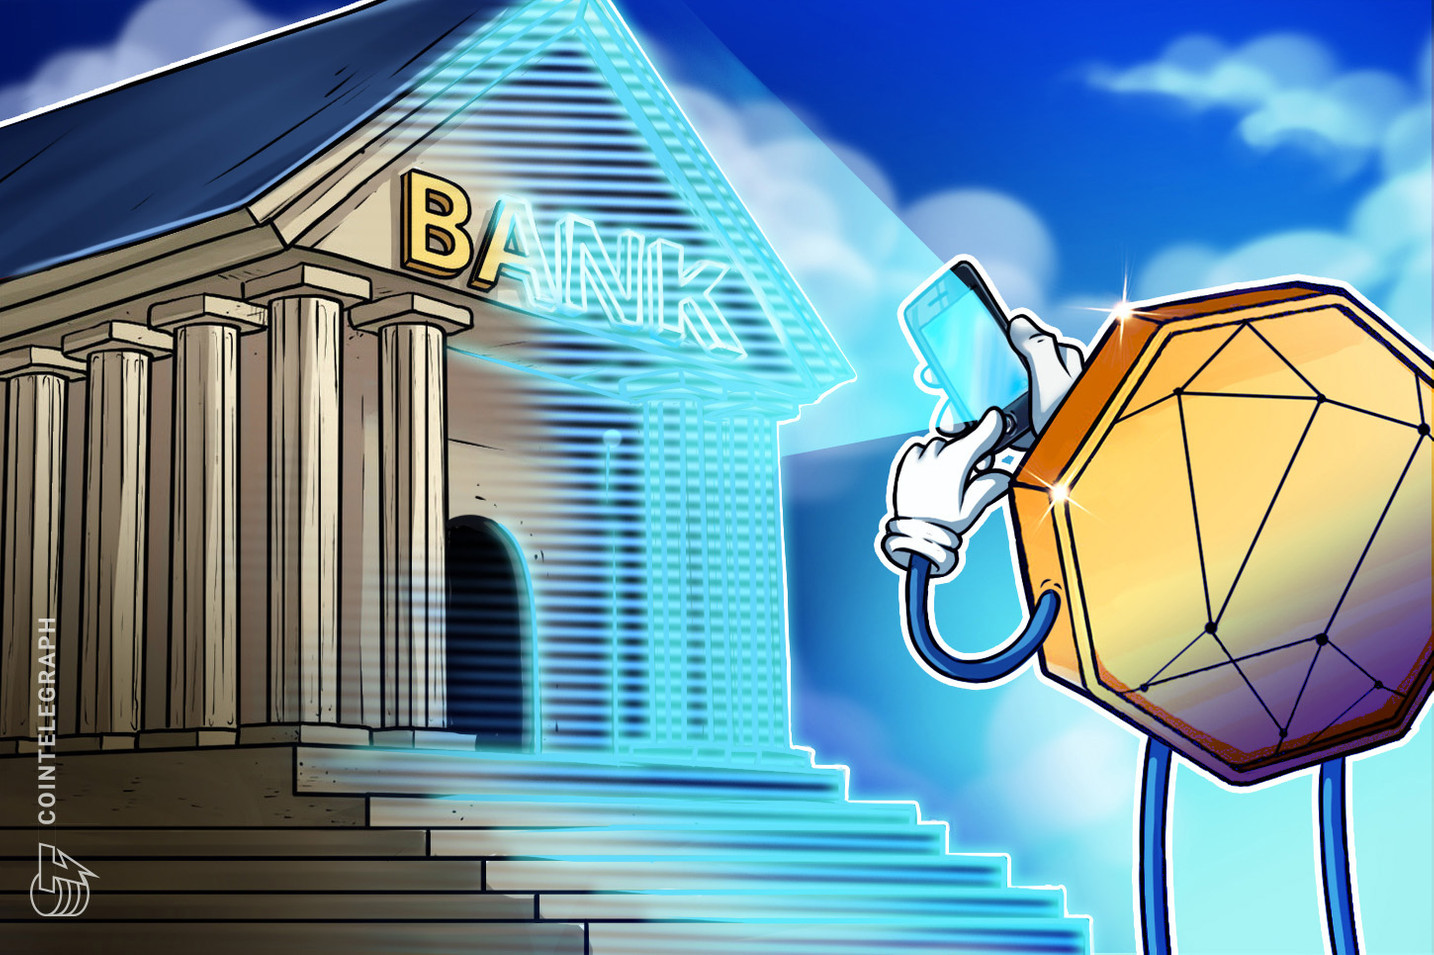 La FDIC de EE.UU. busca información sobre la participación de los bancos en los mercados de criptomonedas